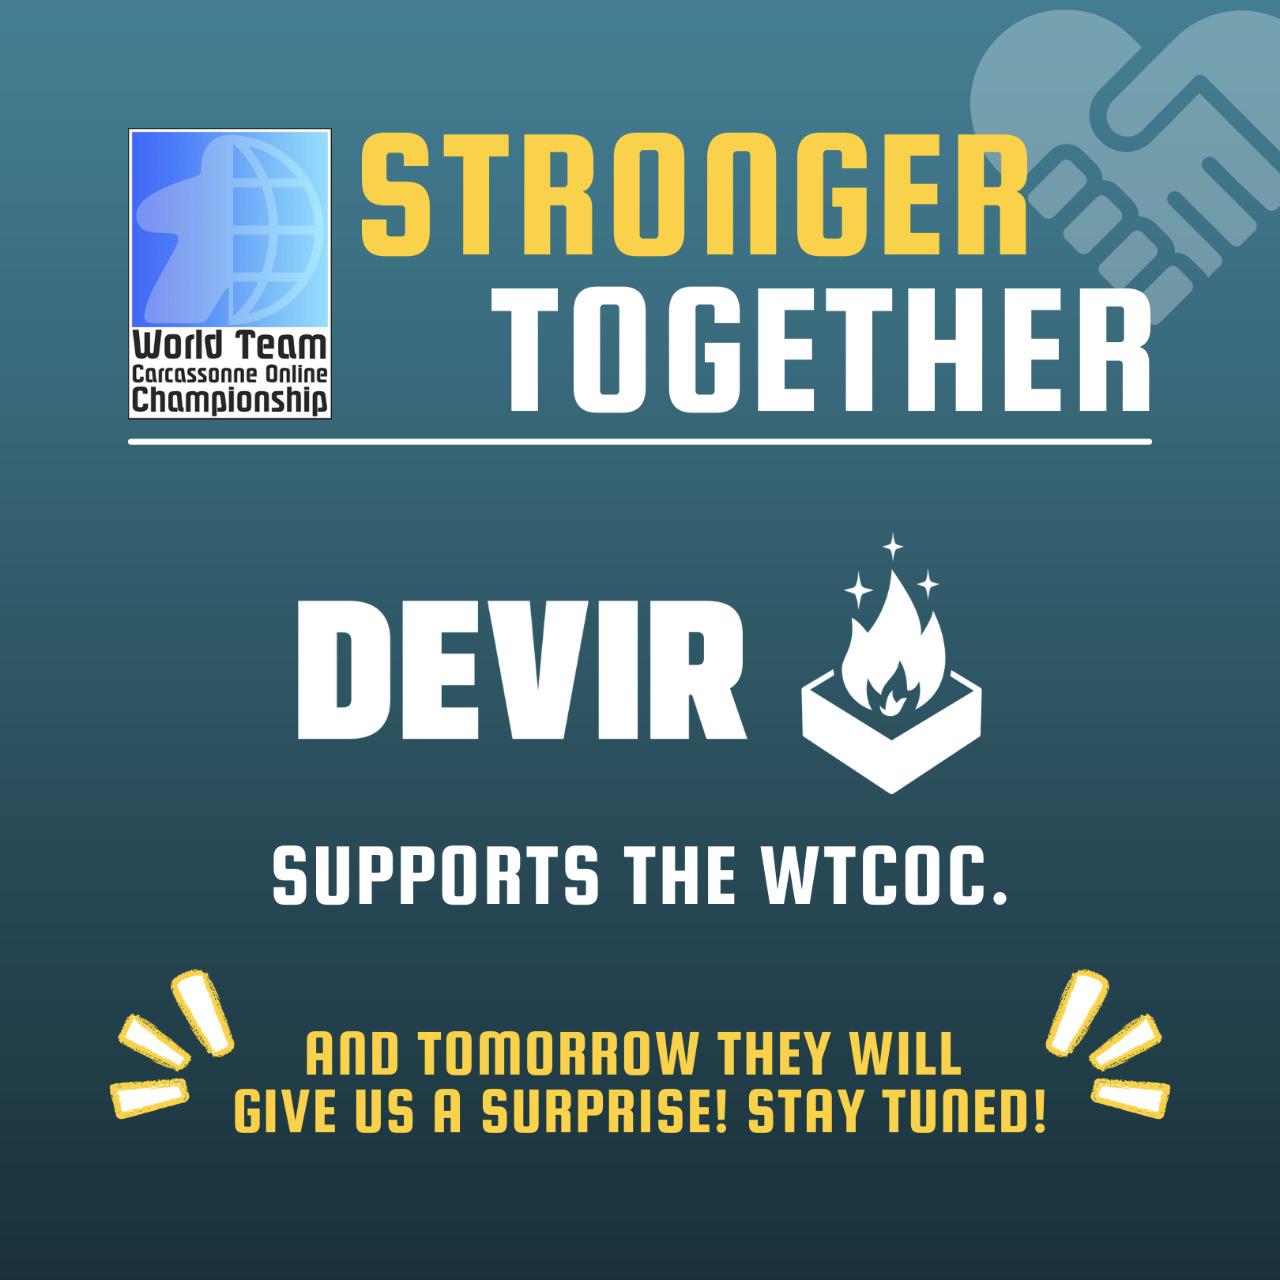 Devir Stronger Together